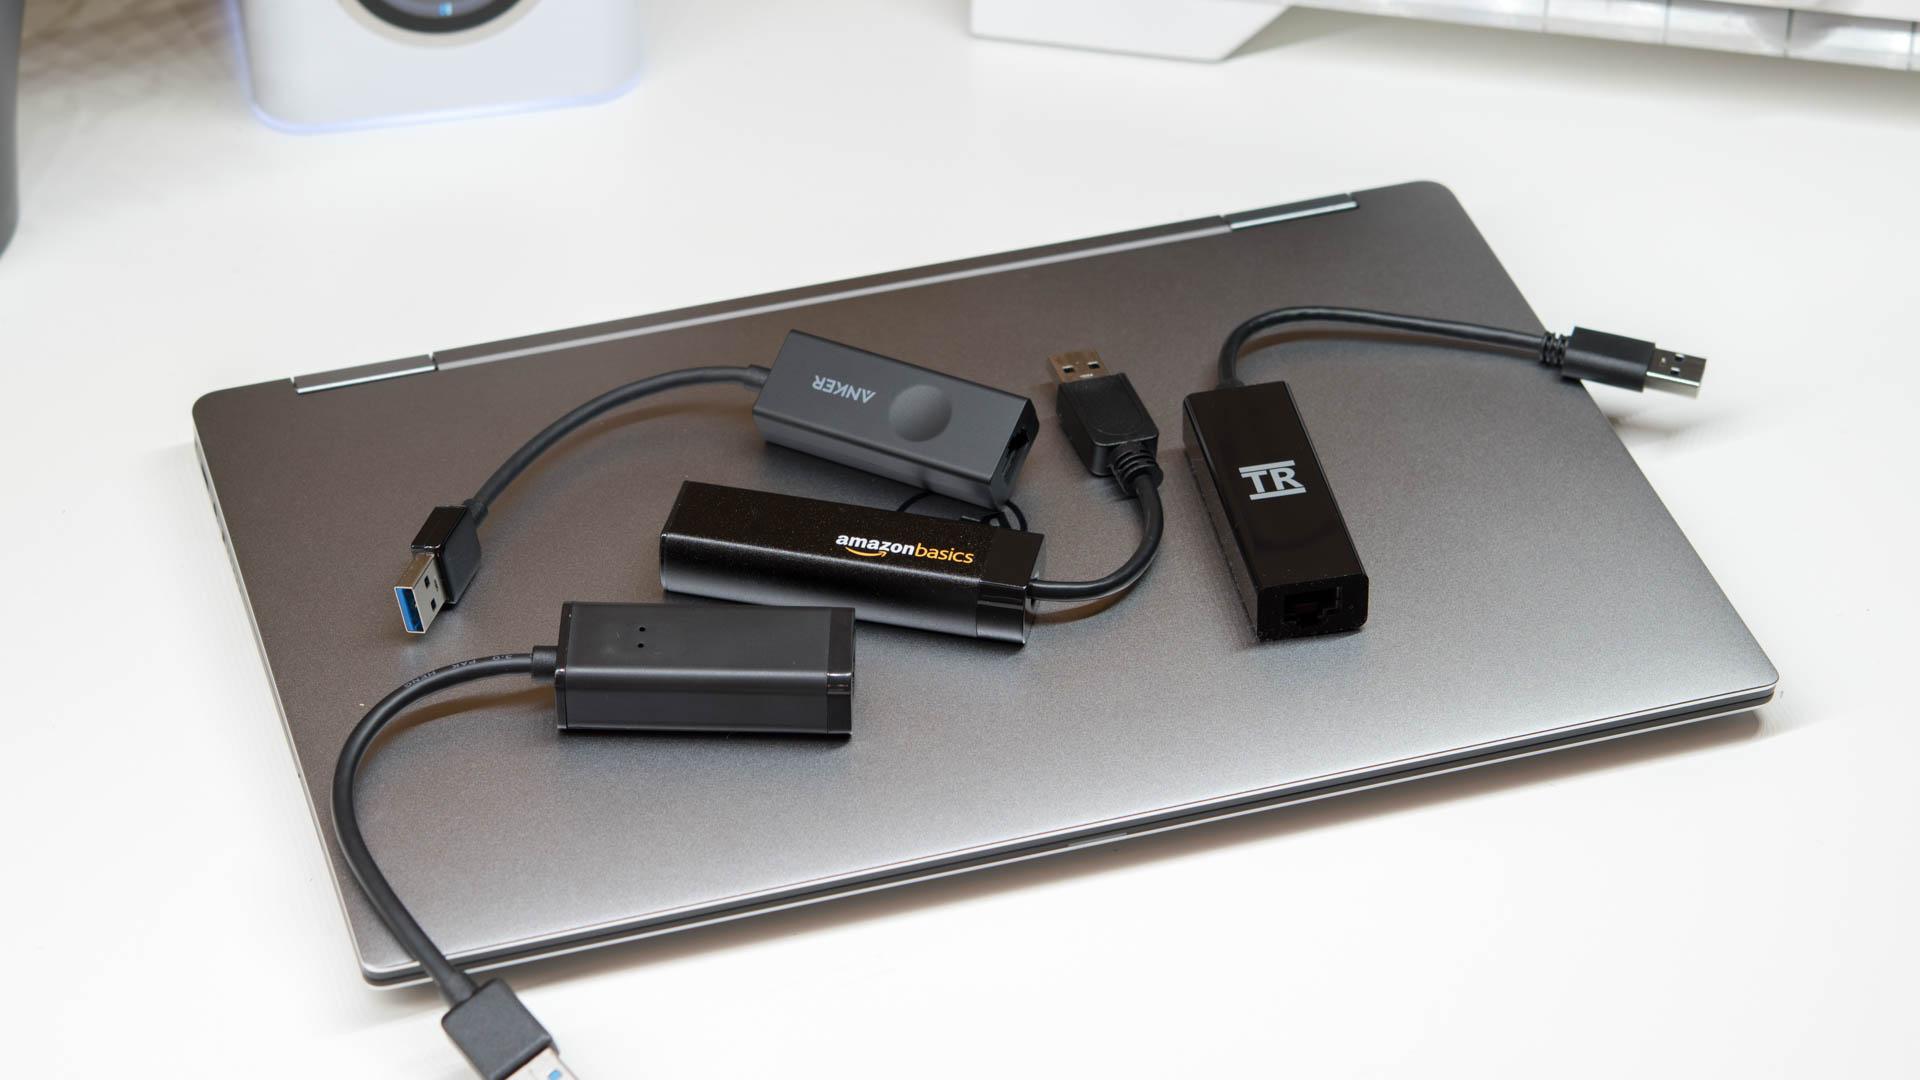 bestes lan kabel finest fritzwlan repeater per lankabel an mac with bestes lan kabel trendy. Black Bedroom Furniture Sets. Home Design Ideas